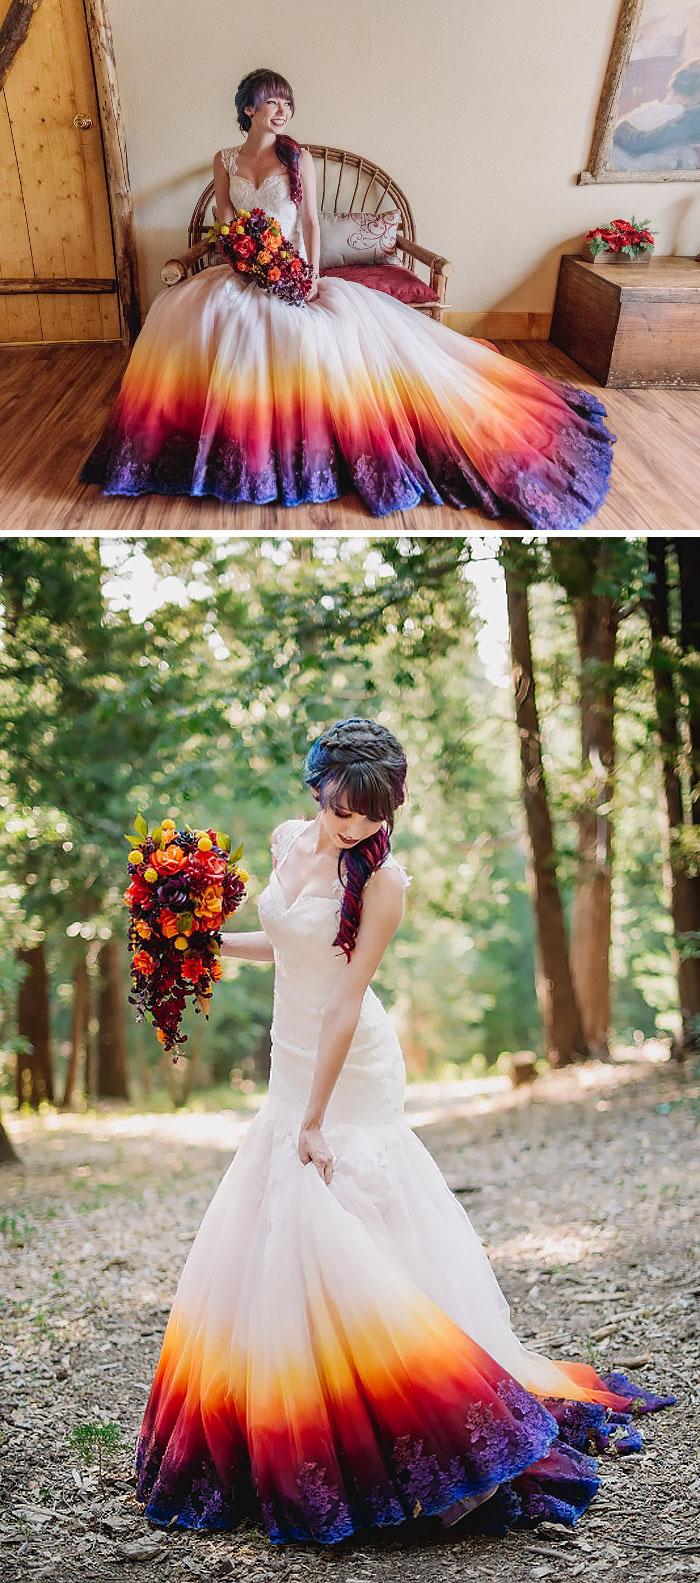 dip-dye-wedding-dress-trend-1-57cdba6b6f80e_700.jpg